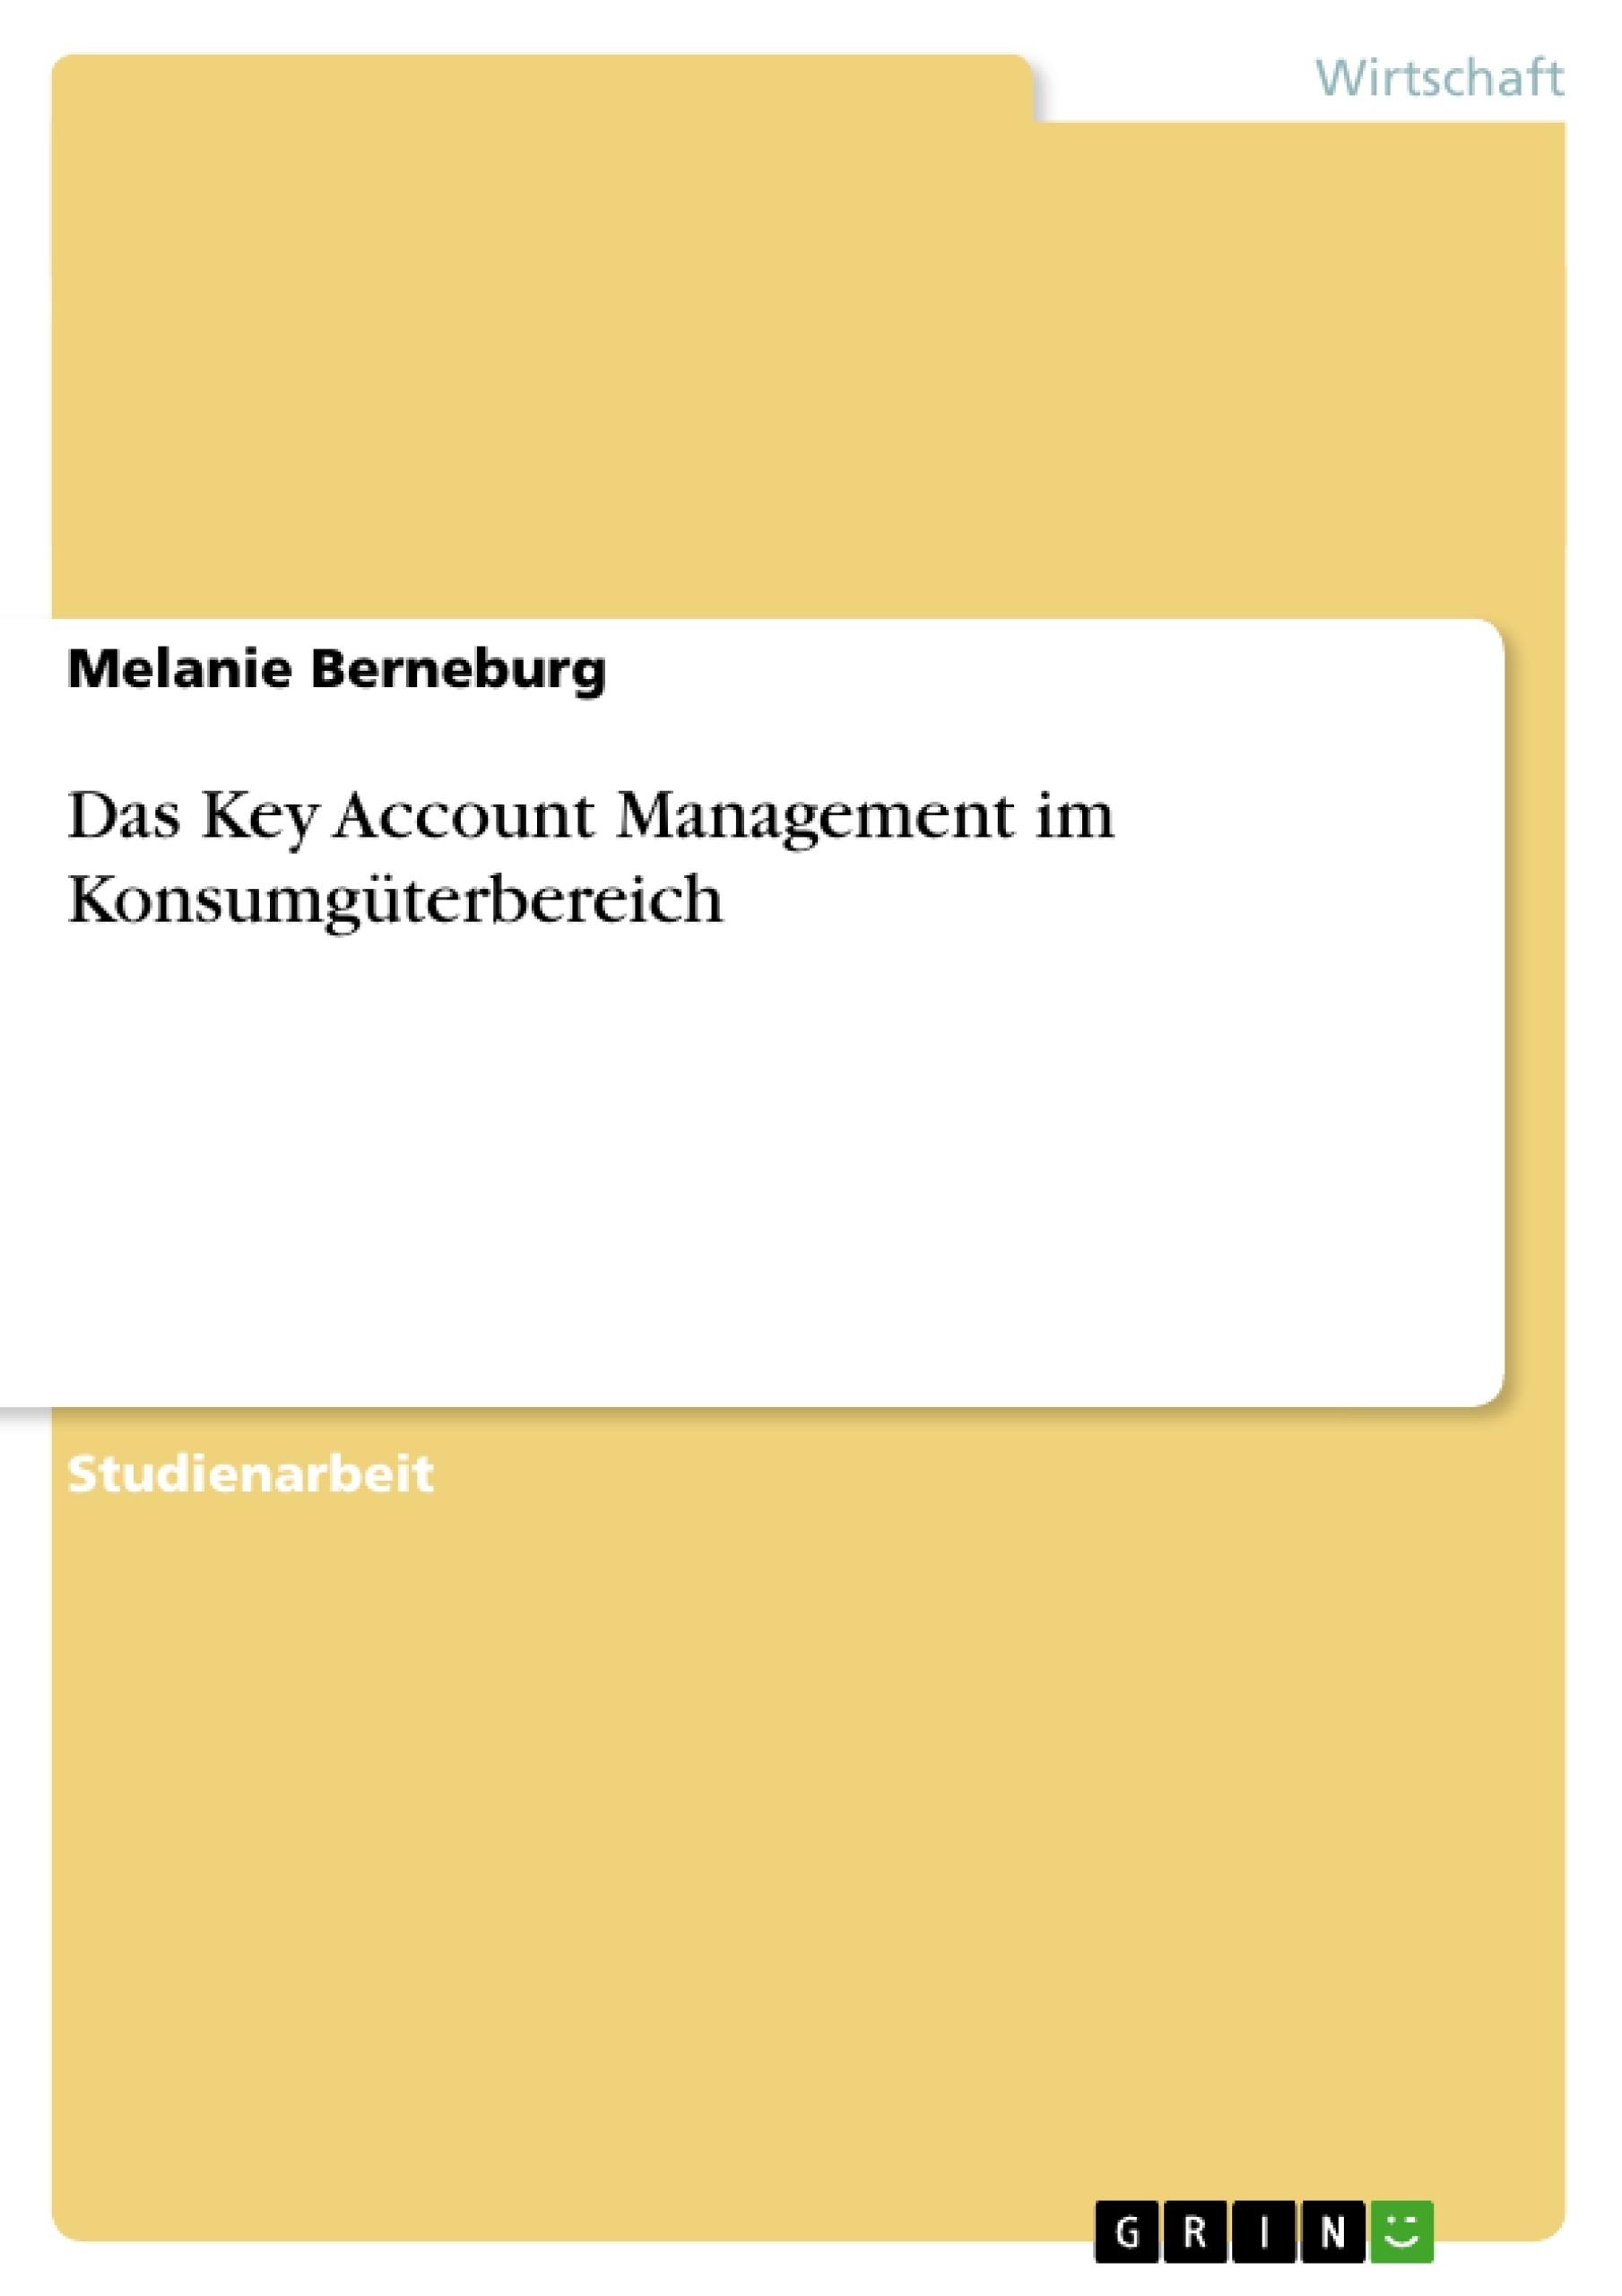 Titel: Das Key Account Management im Konsumgüterbereich